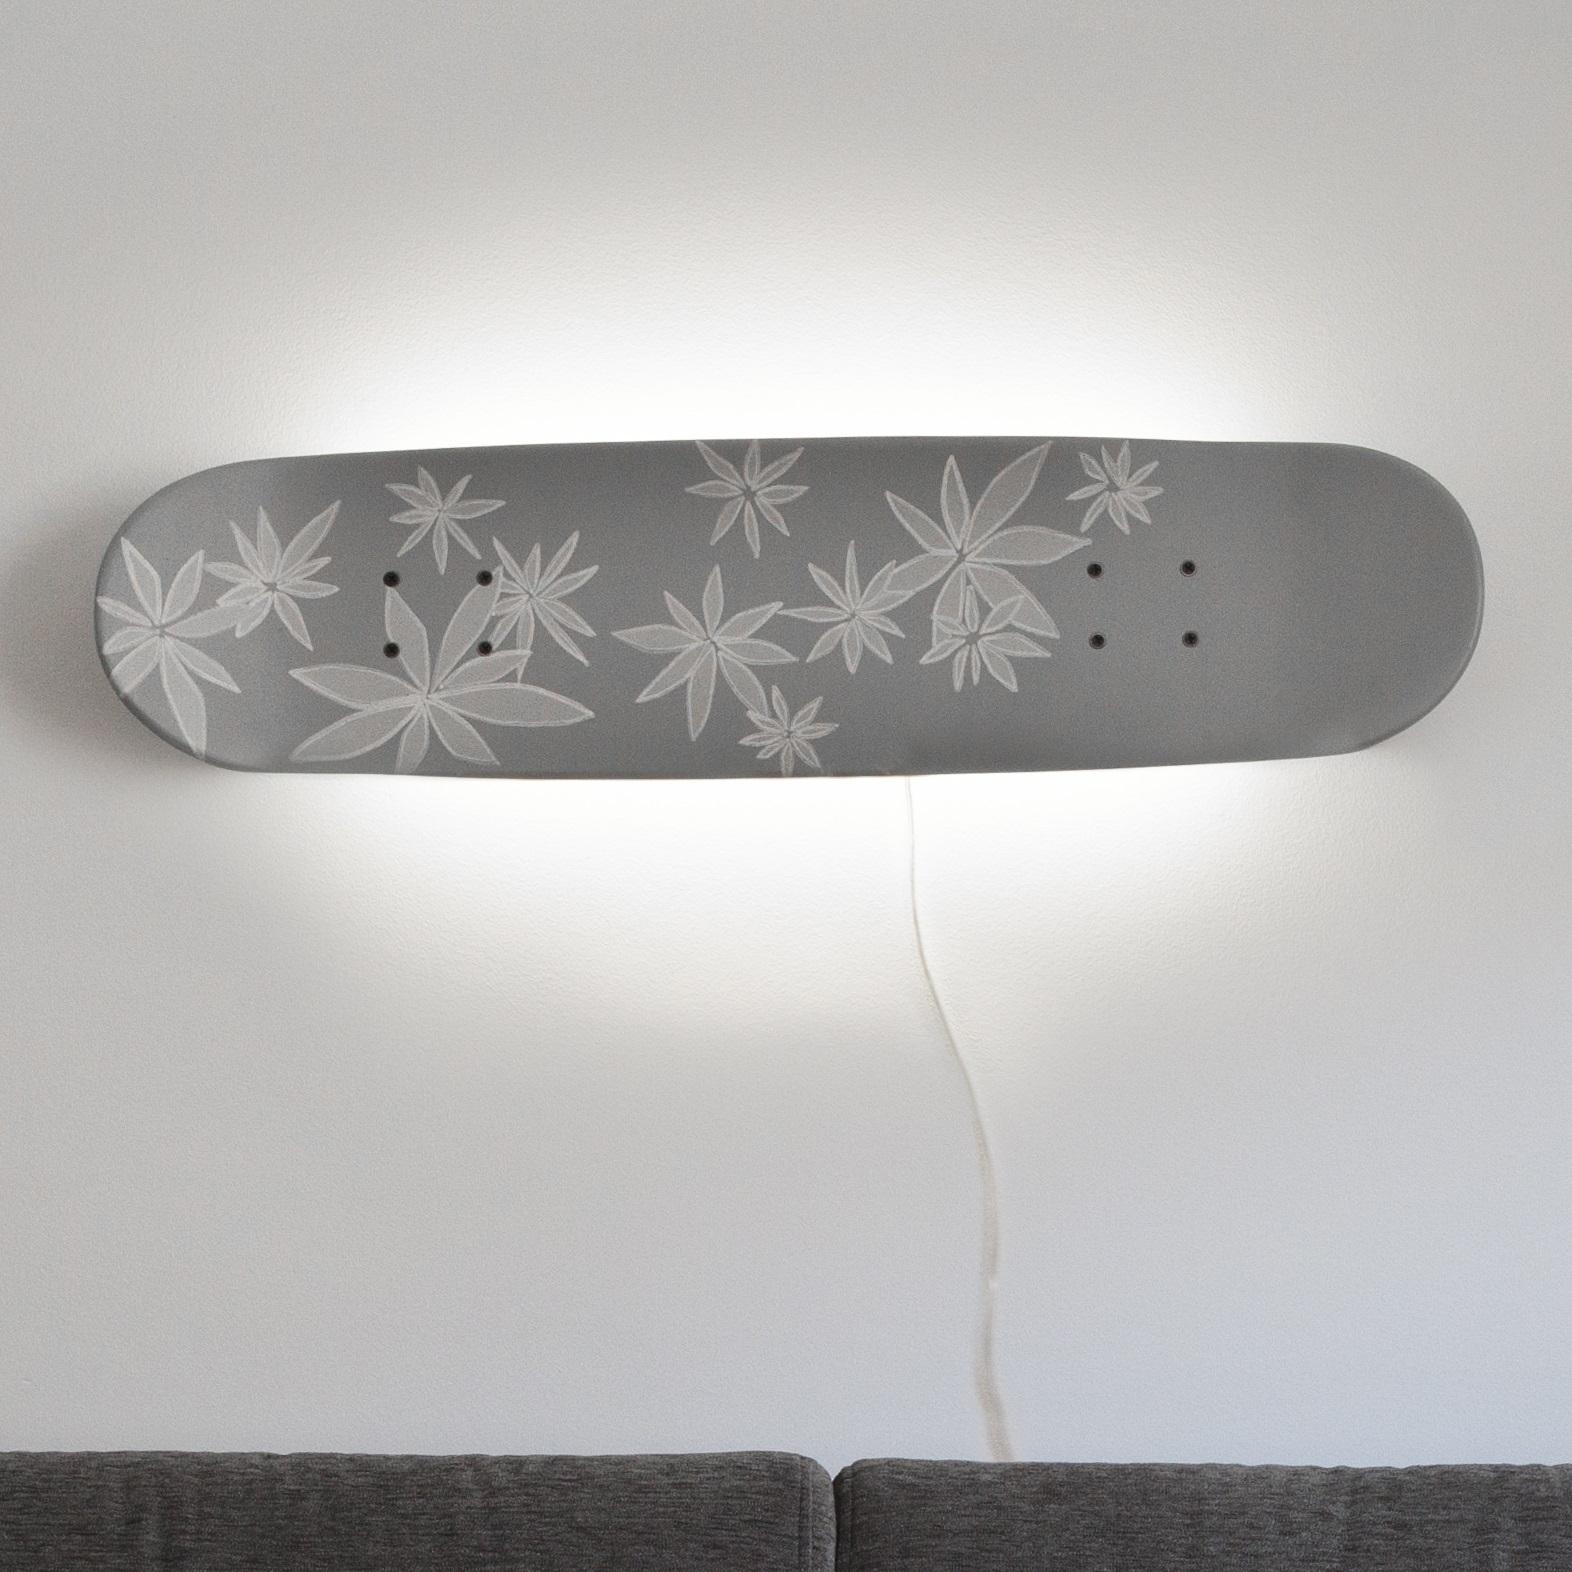 skate inspirations lampe geschenk f r skater. Black Bedroom Furniture Sets. Home Design Ideas